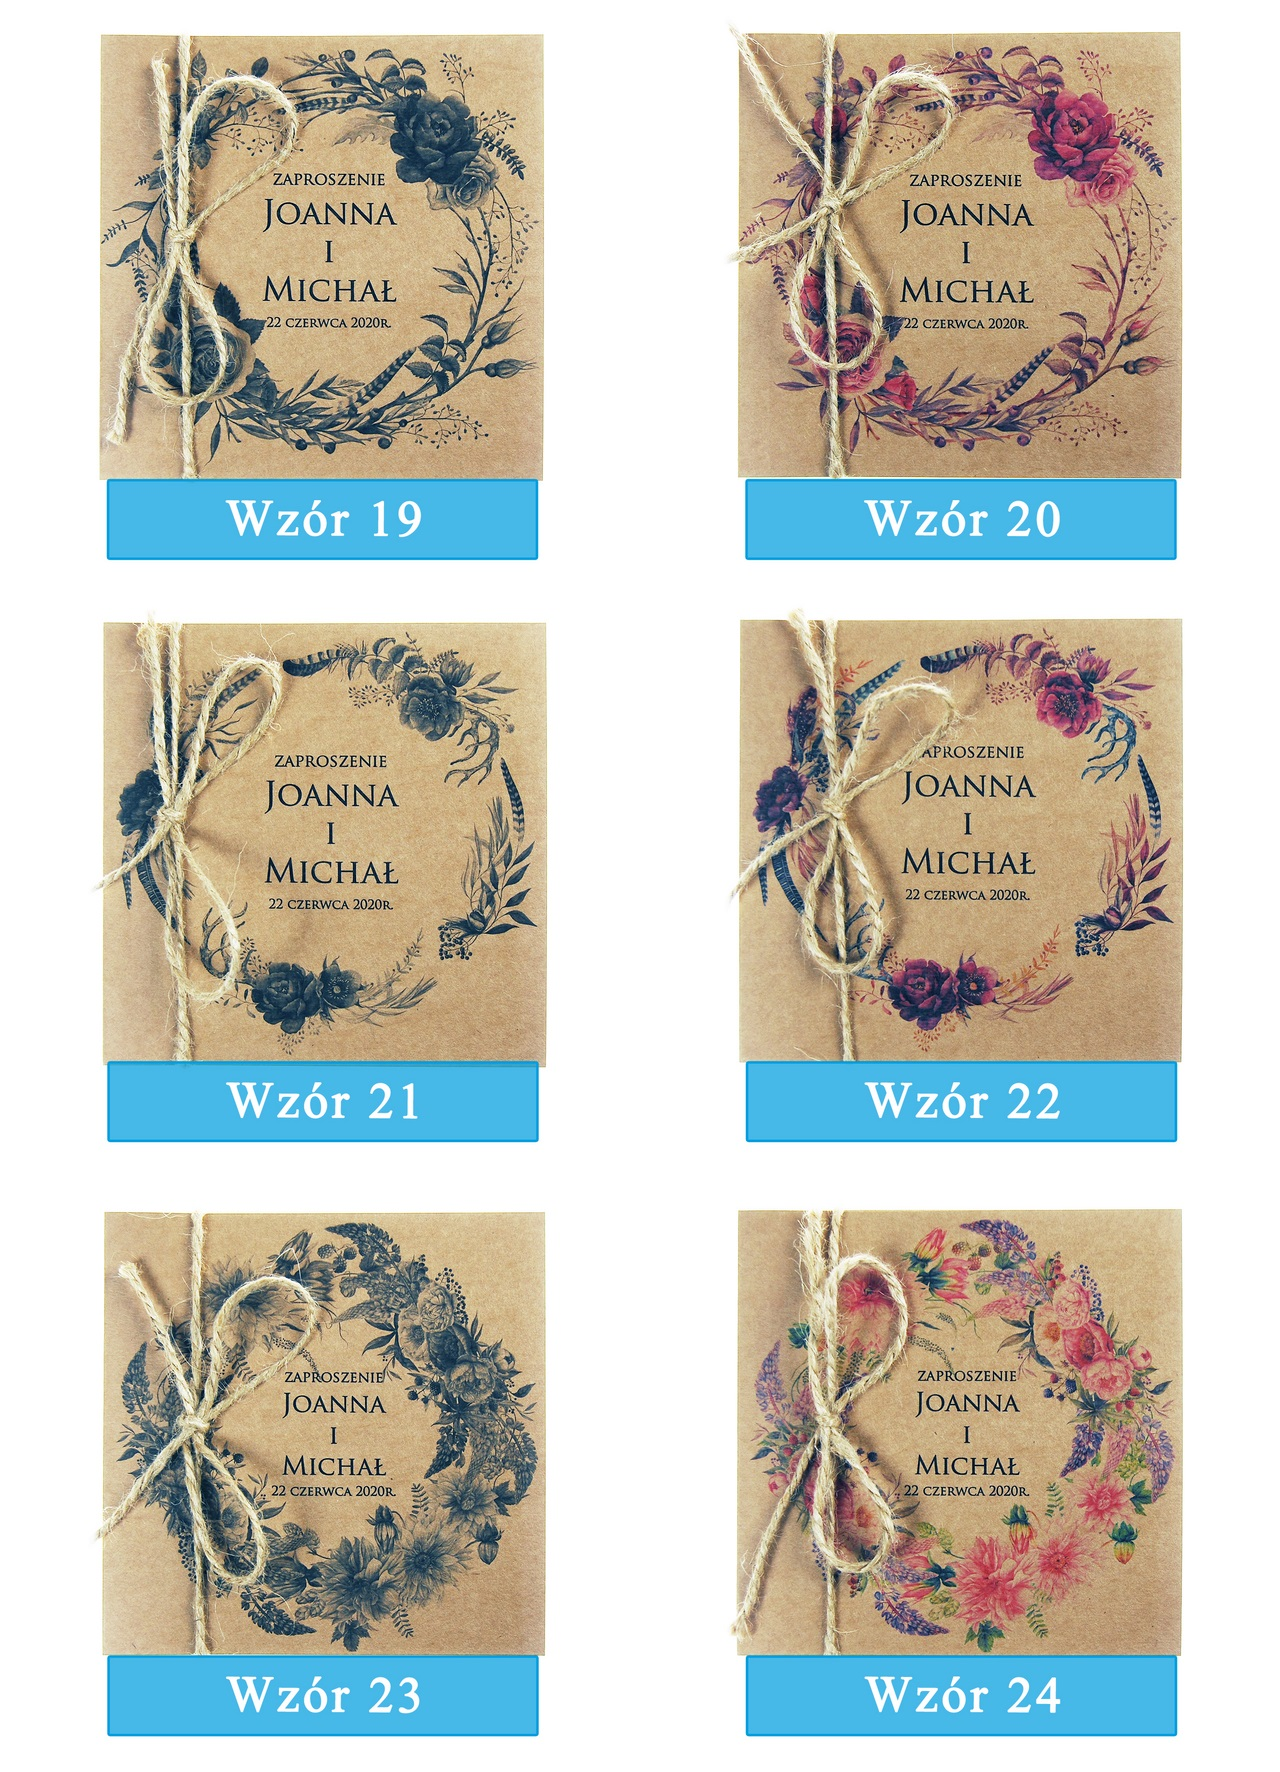 zaproszenia-ślubne-boho-wianki-kwiatowe-EkoSilena-ekopapier-ekologiczne-plansza-wzory19-24